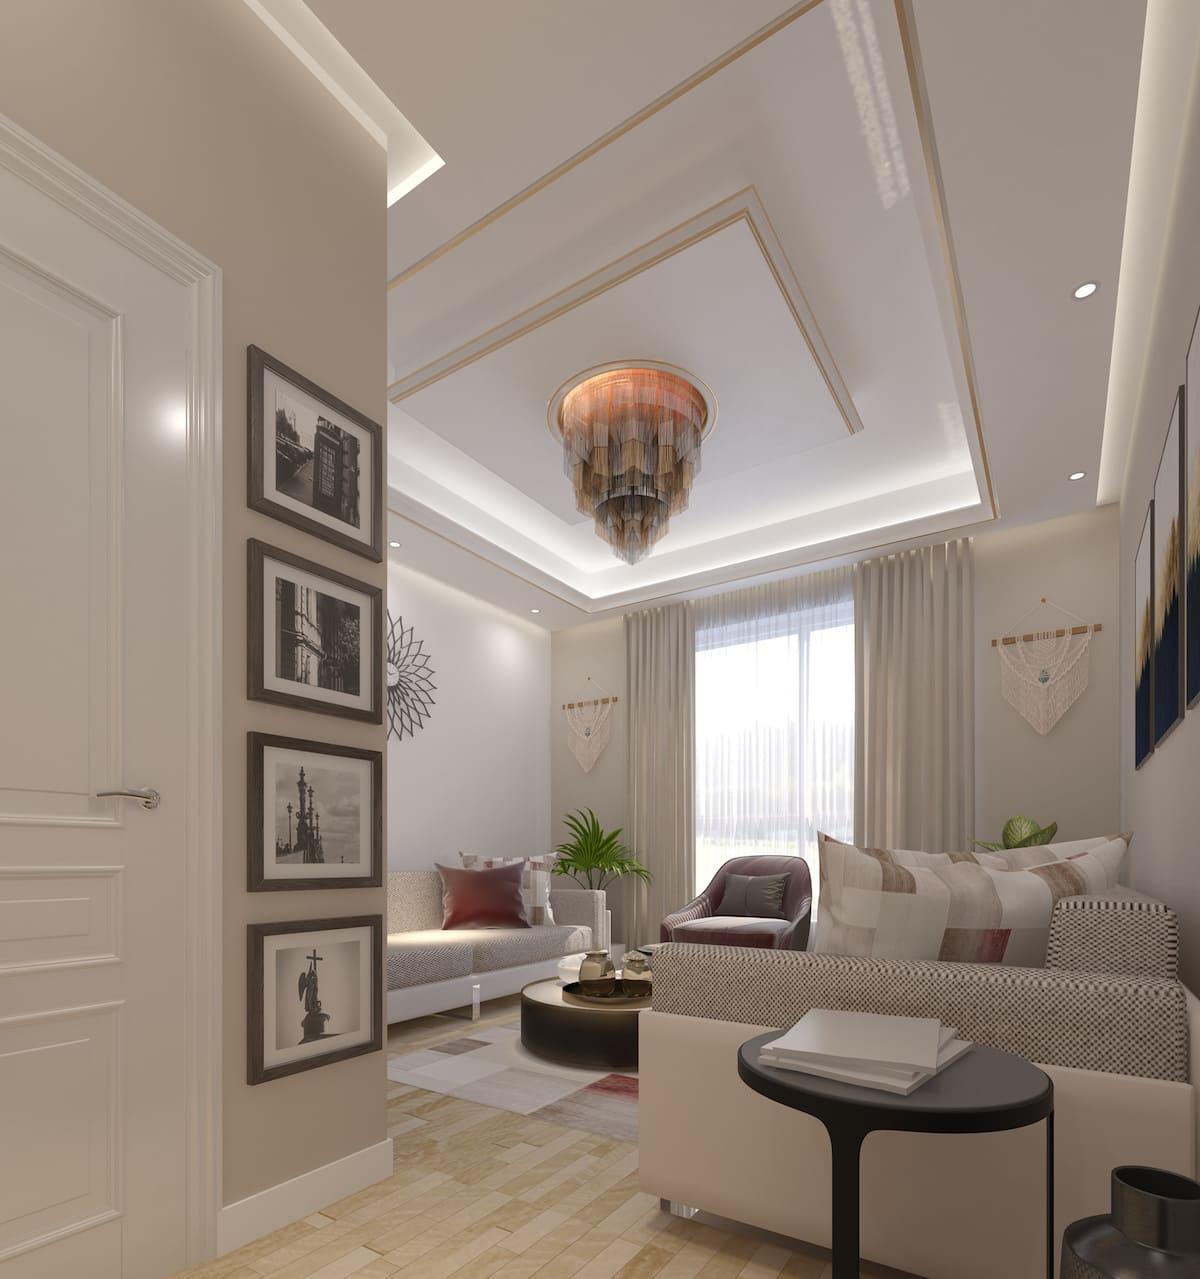 красивый дизайн потолка фото 73